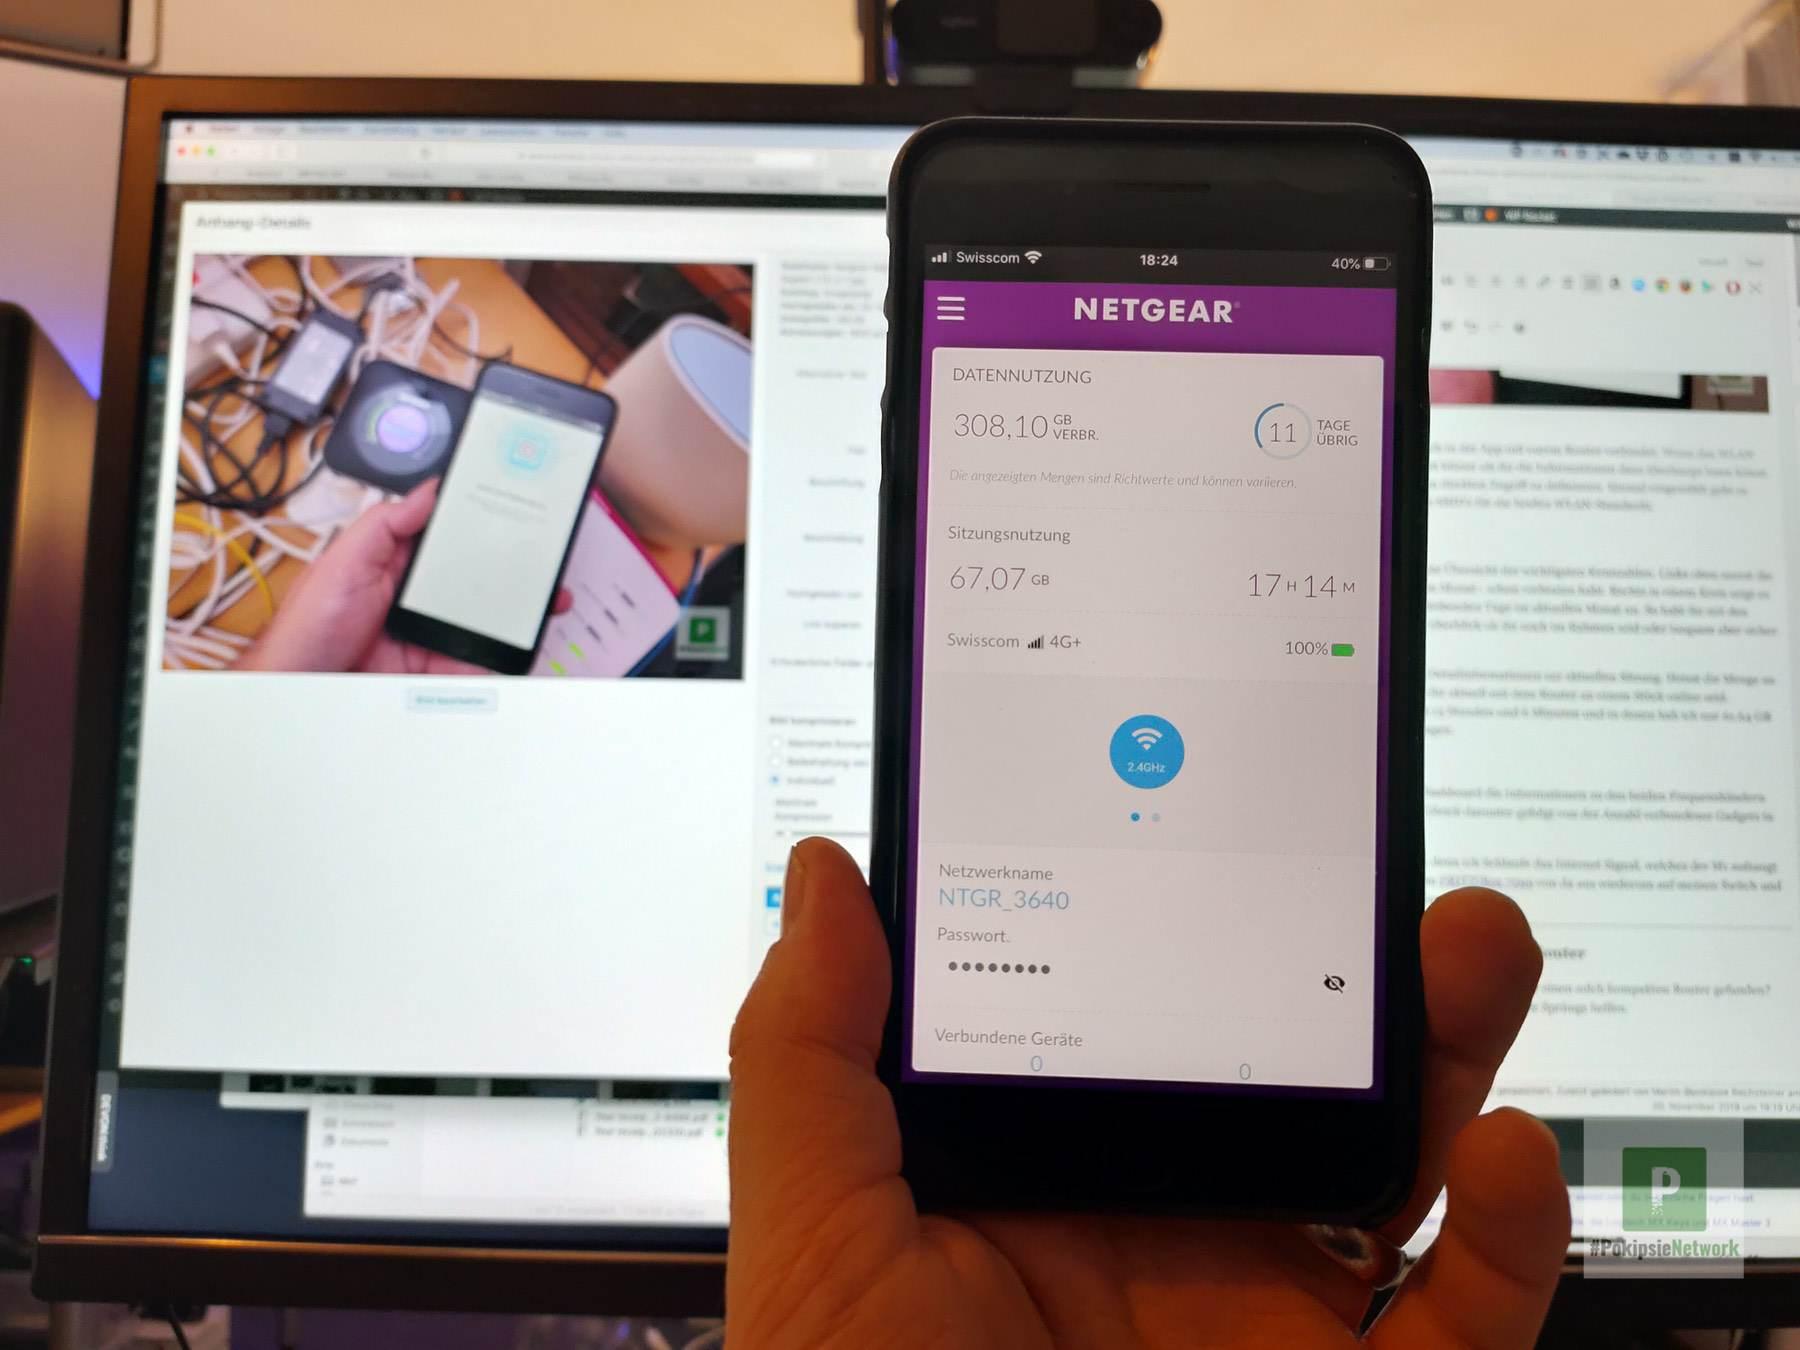 Netgear Nighthawk M1 - Dashboard in der App